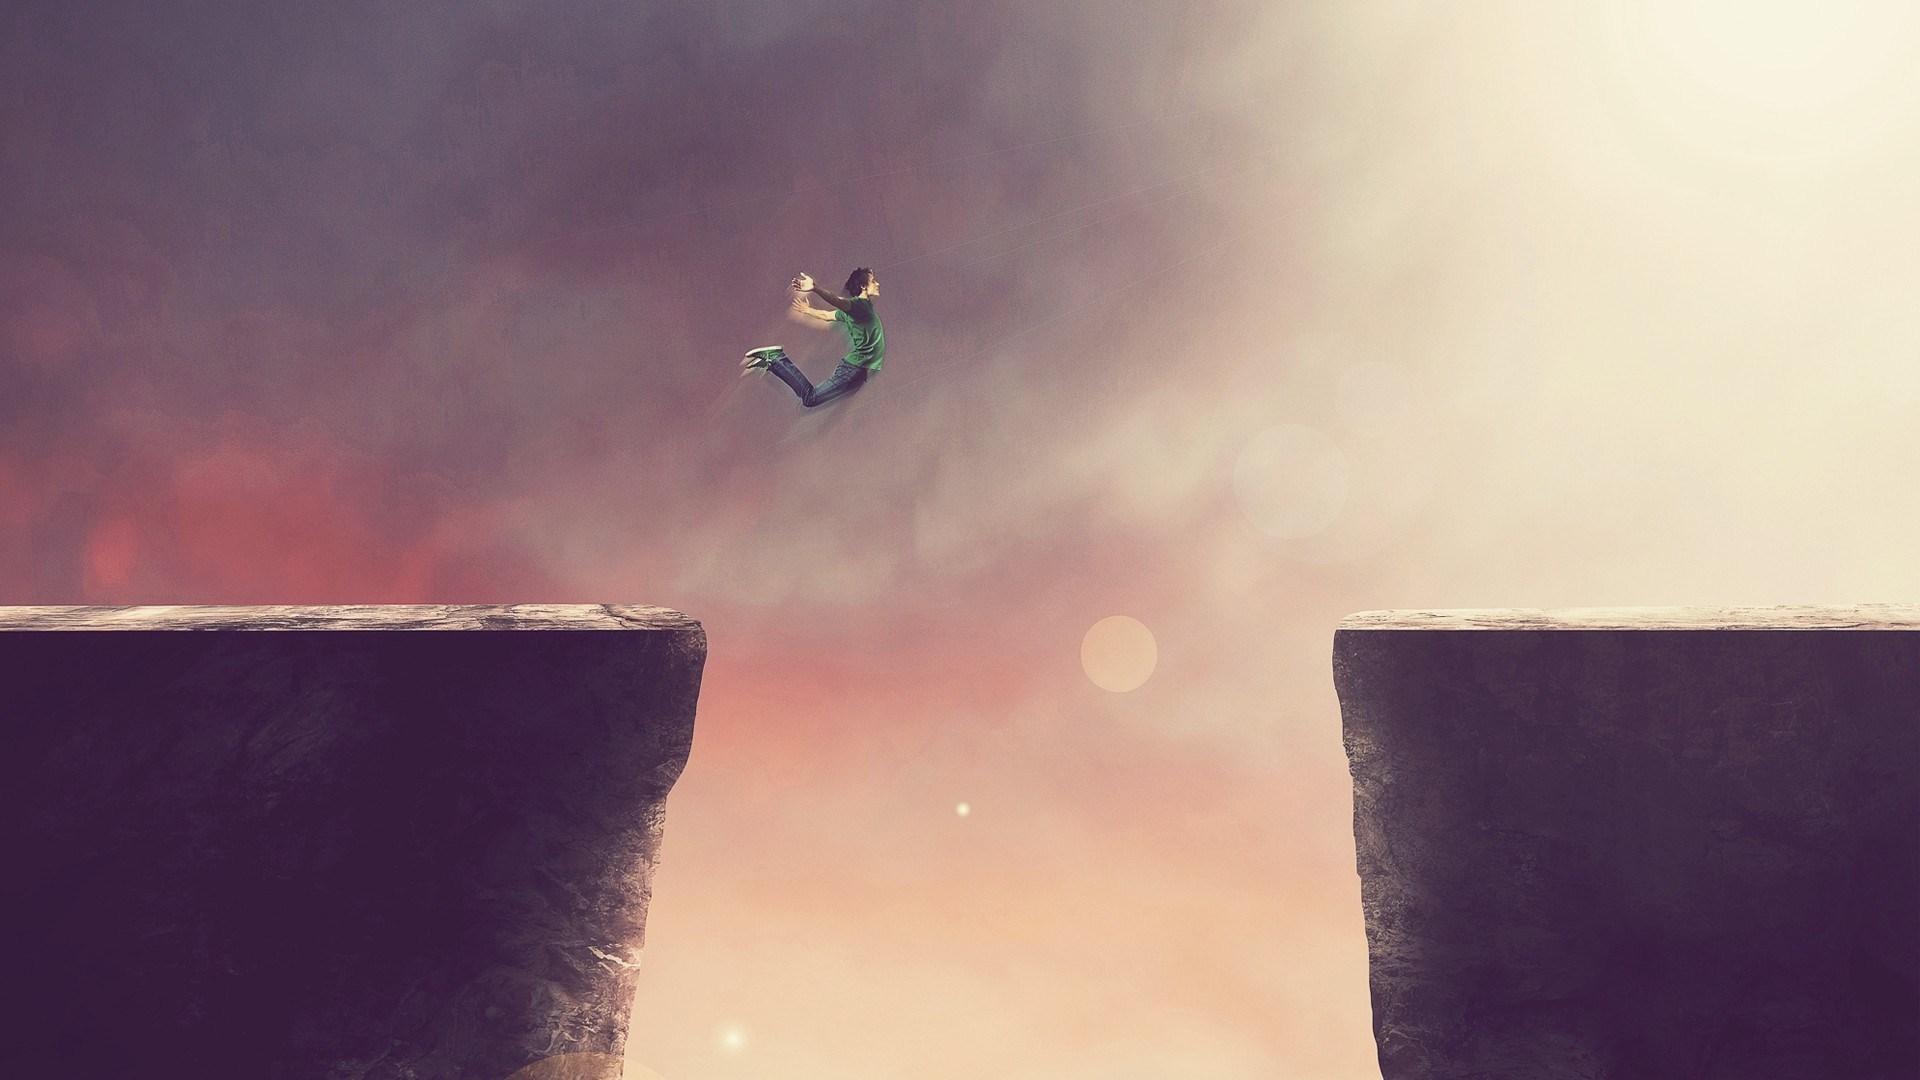 Boy Jump Art